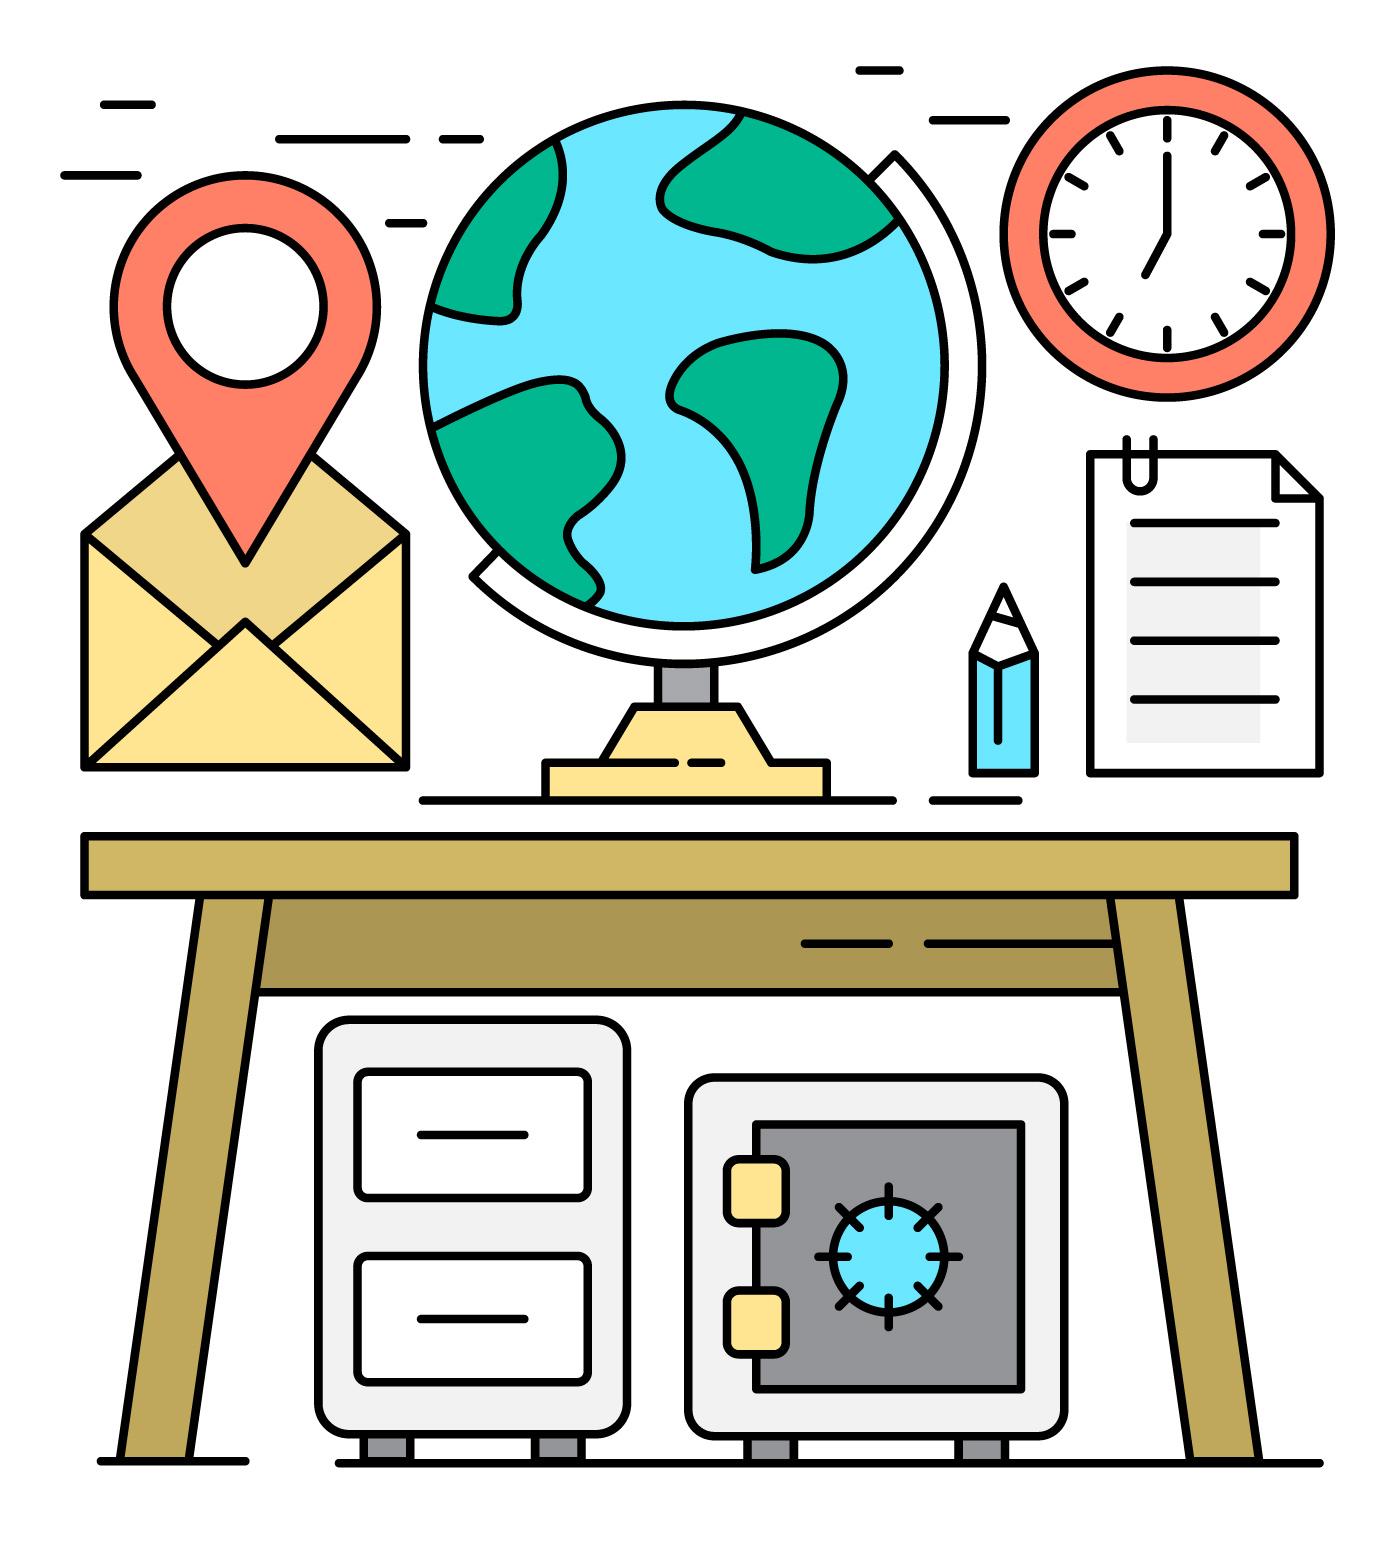 Elementos de escritorio de oficina gratis descargue for Elementos para oficina